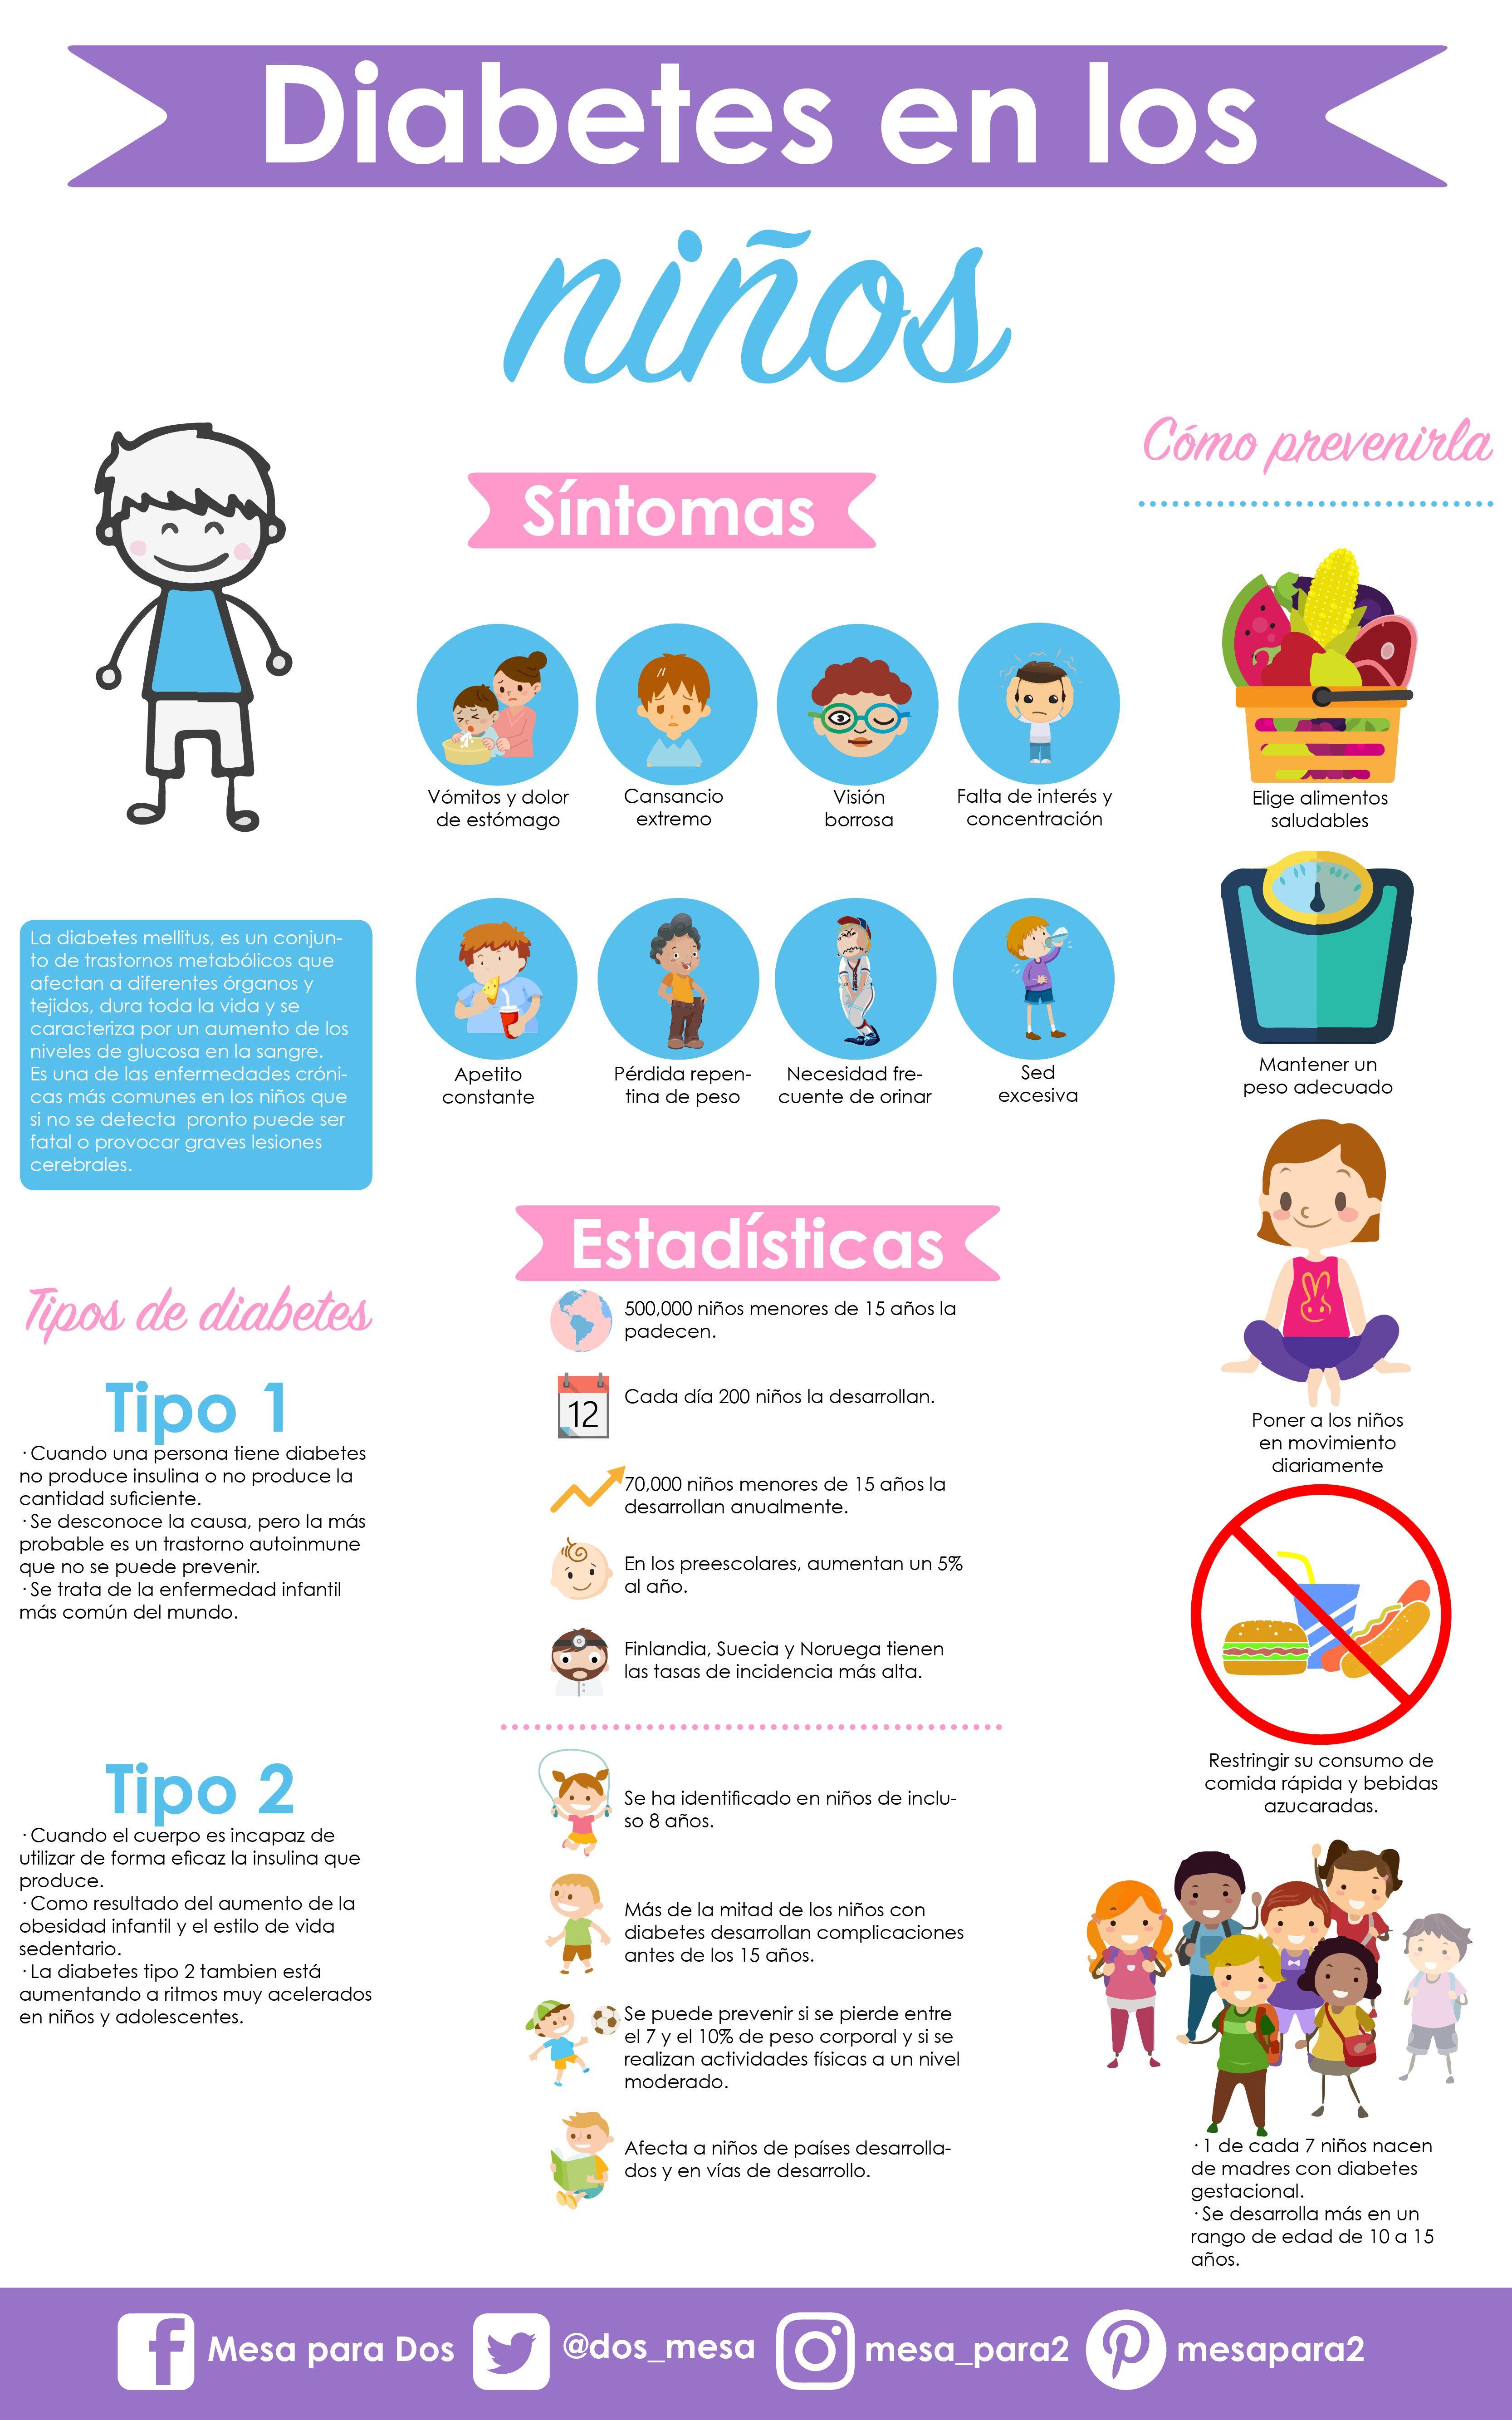 herpes simplex 1 fisiopatología de la diabetes